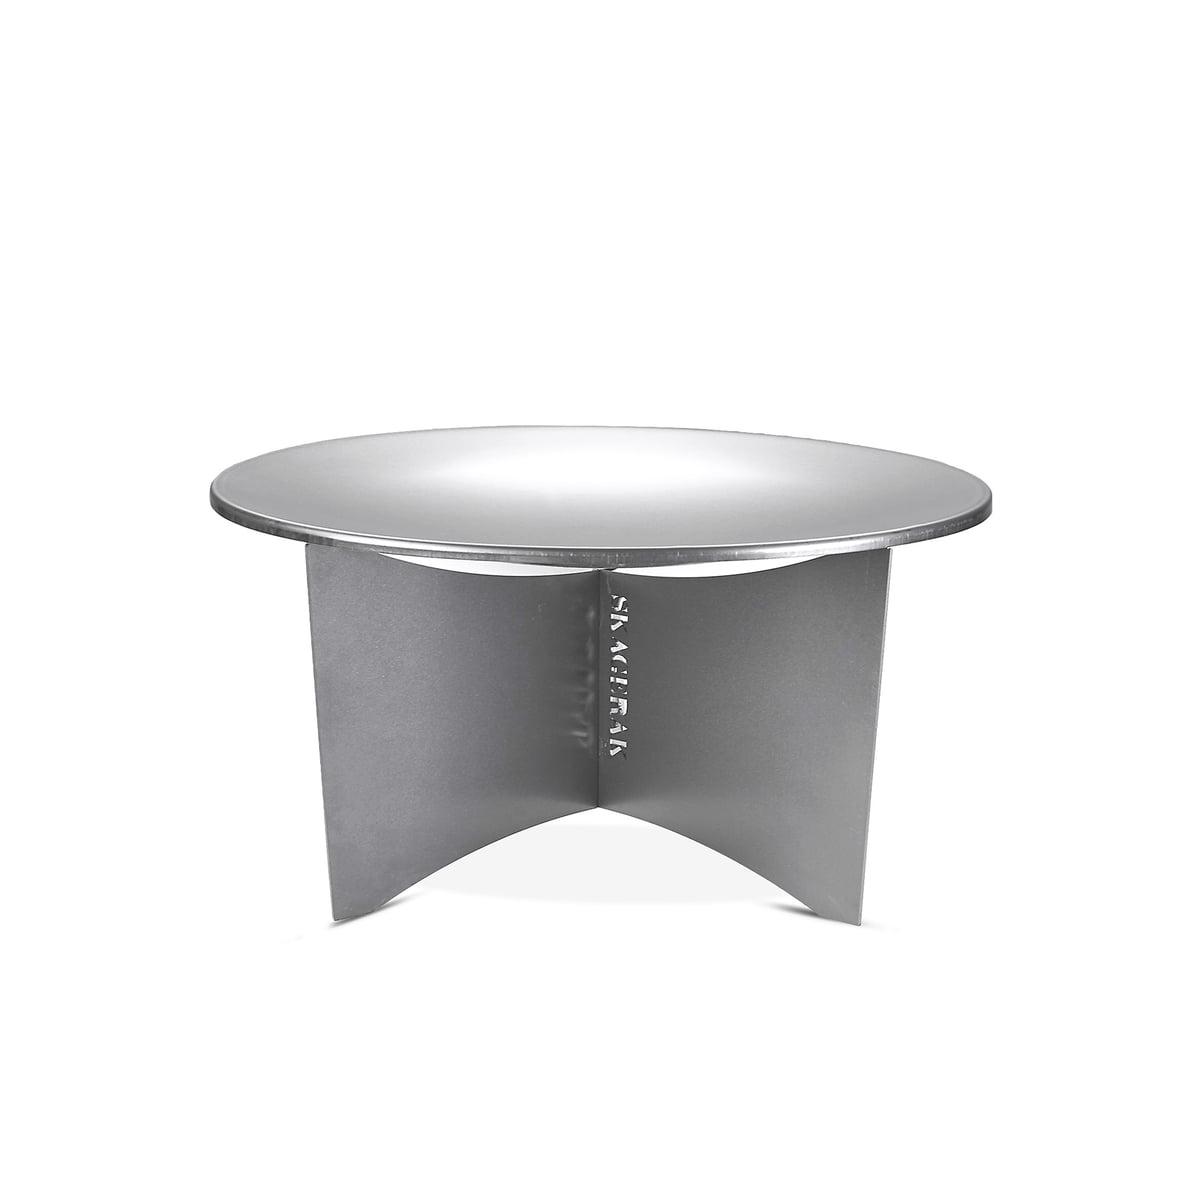 flame firebowl feuerstelle von skagerak. Black Bedroom Furniture Sets. Home Design Ideas